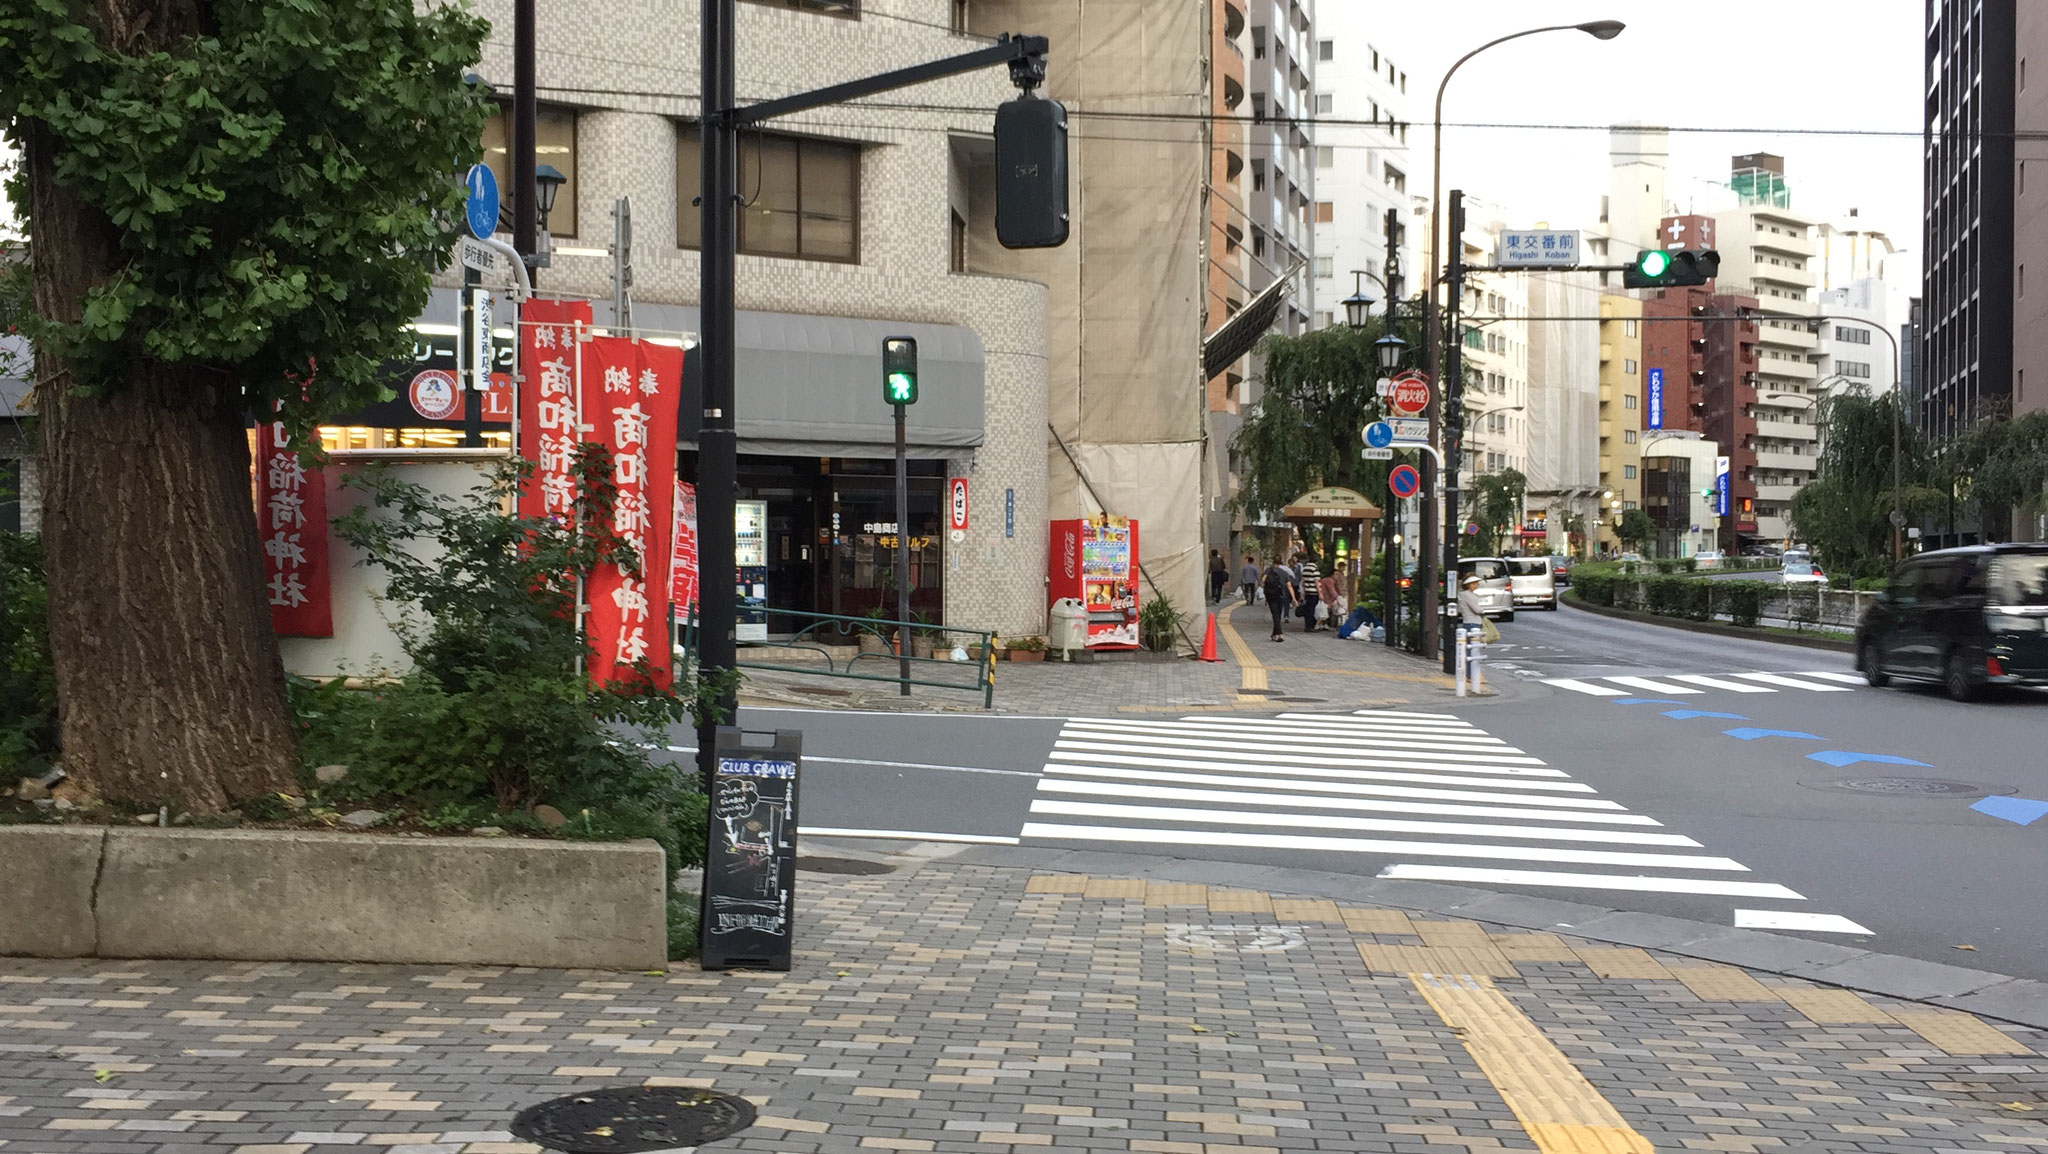 その先の交差点は渡らず左前方に赤い鳥居が見えますので